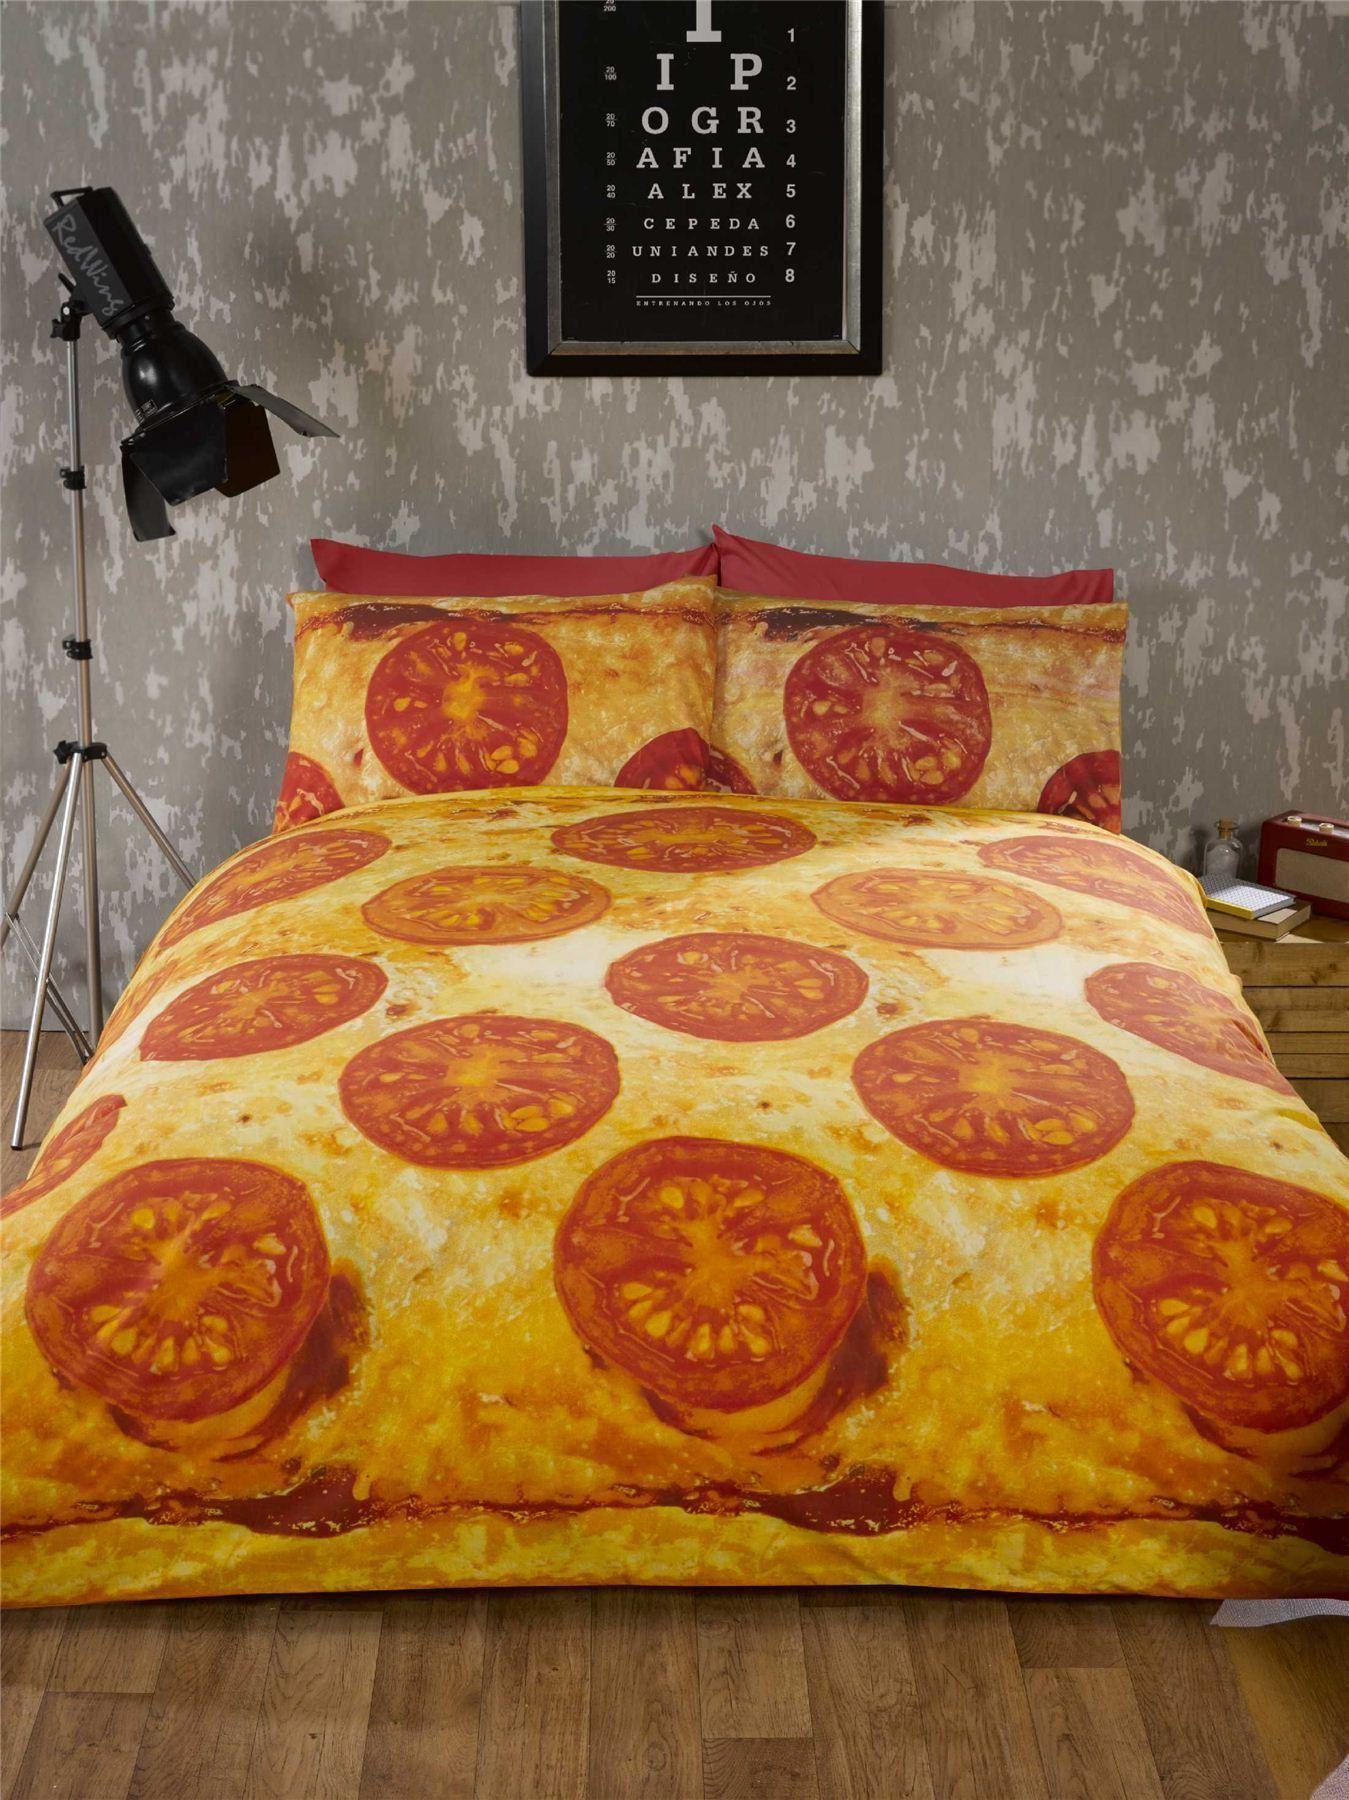 ropa de cama pizza diversin adolescente estudiante ropa de cama edredn diseo de la foto imprimir